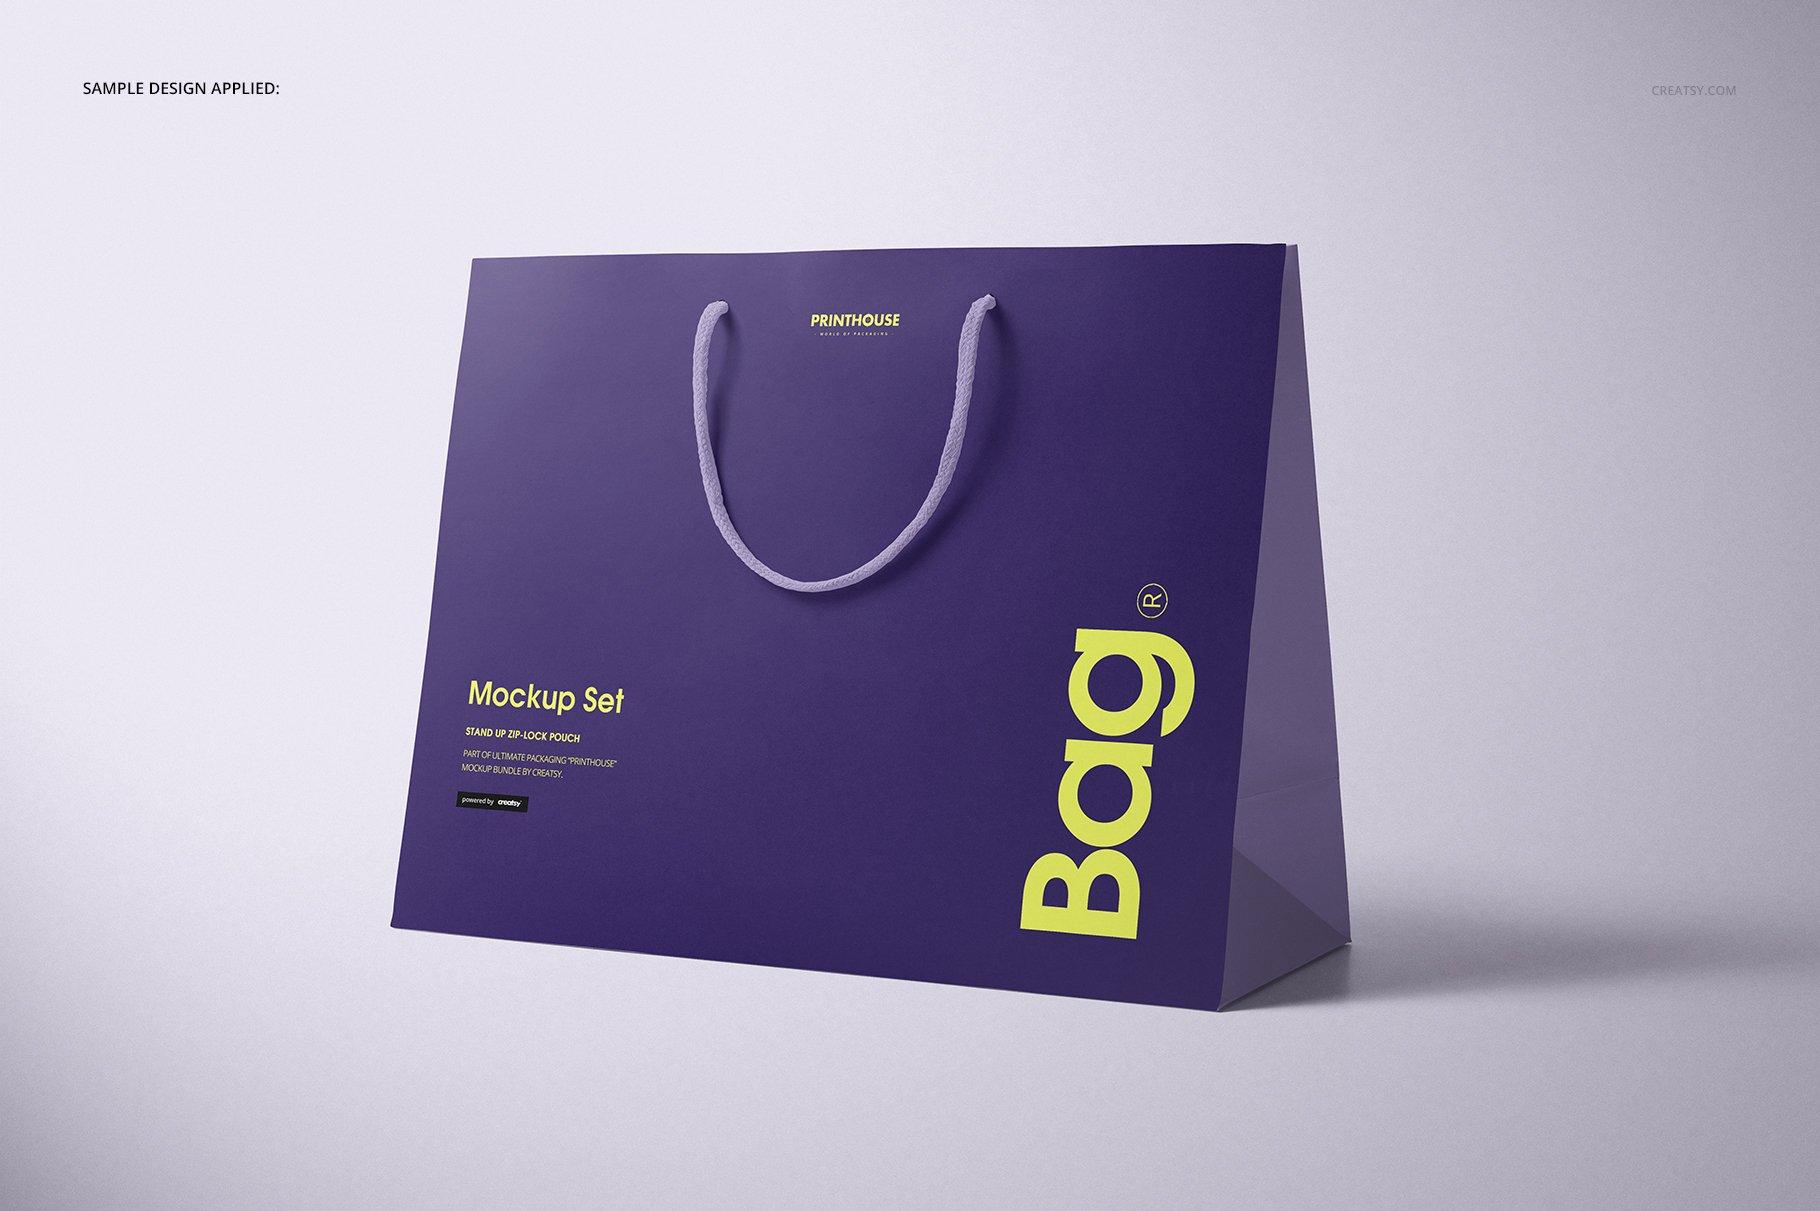 极简购物手提纸袋设计展示贴图样机PS设计素材 Eurotote Bag Mockup Set 1插图(5)